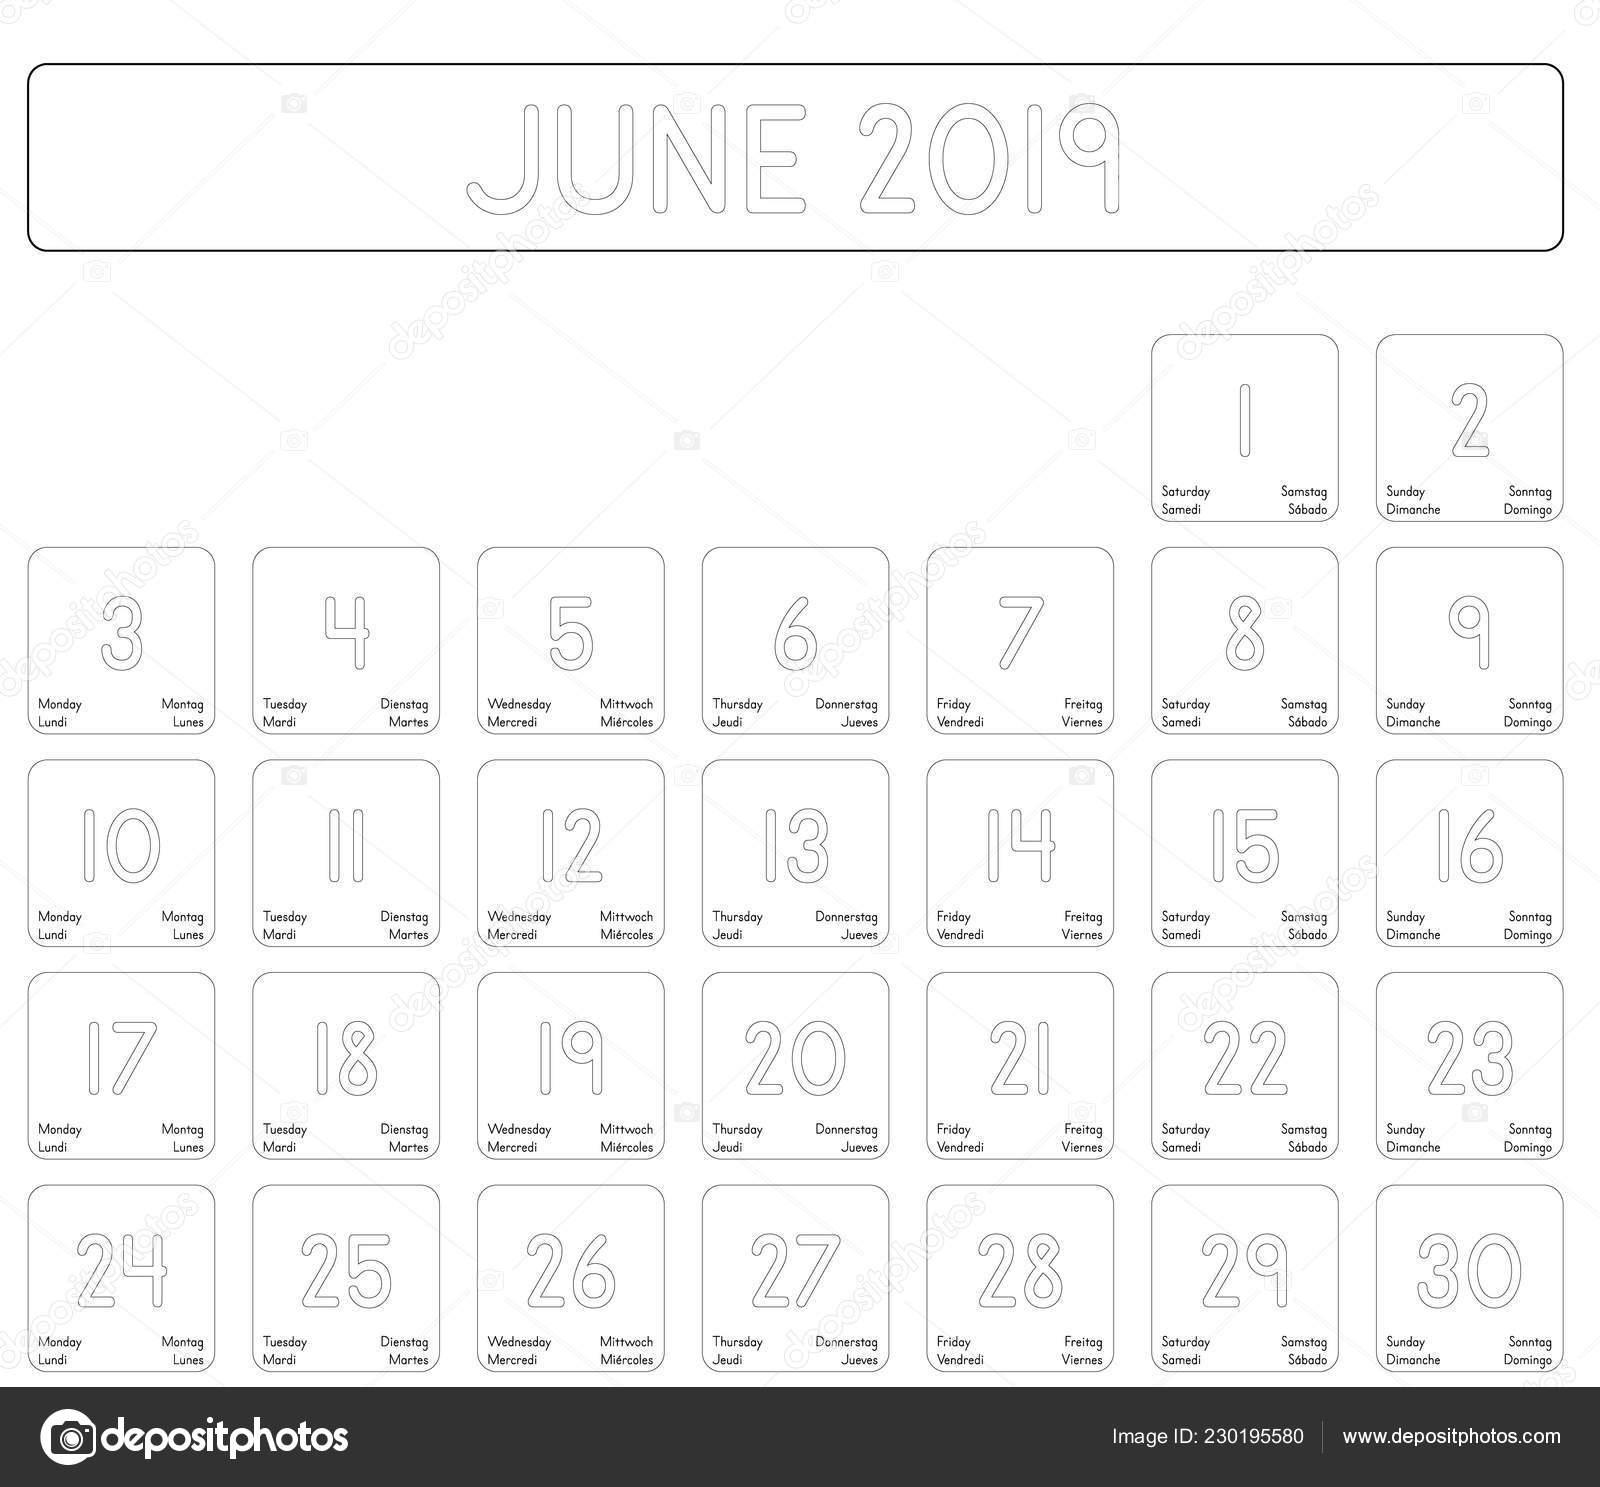 Calendario Mese Giugno.Calendario Dettagliato Giornaliero Del Mese Giugno 2019